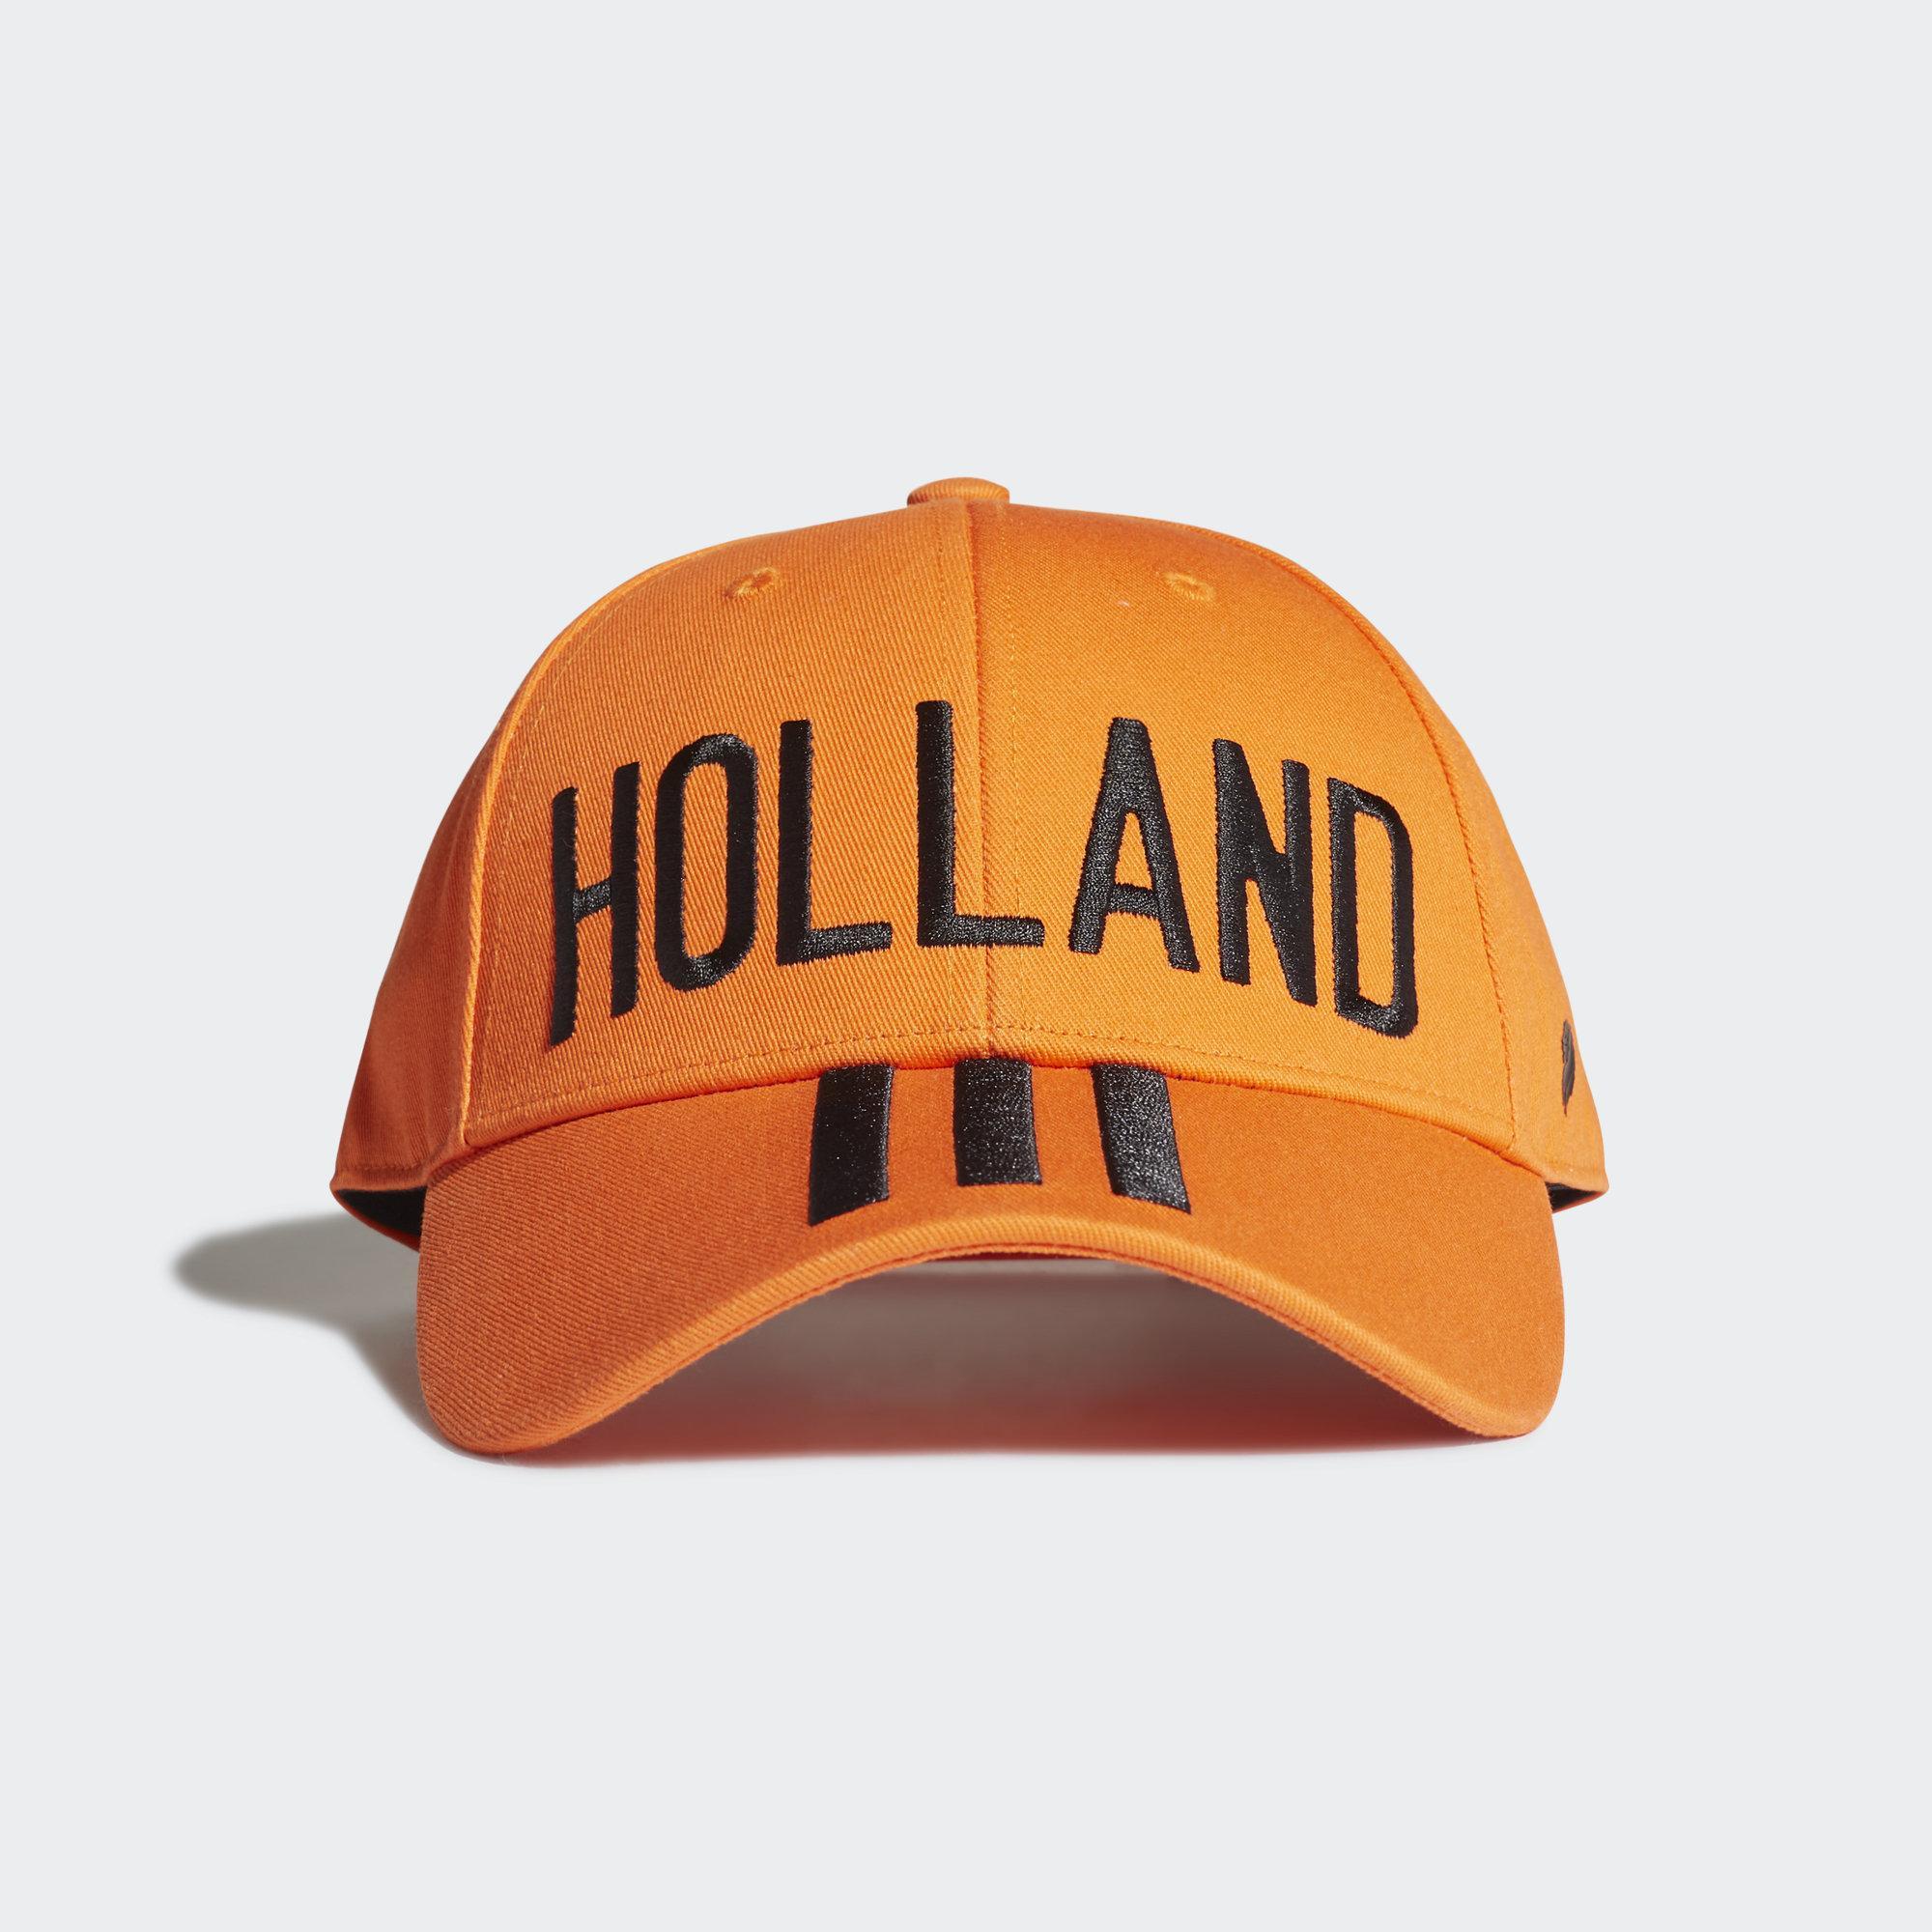 尼德蘭隊 棒球帽